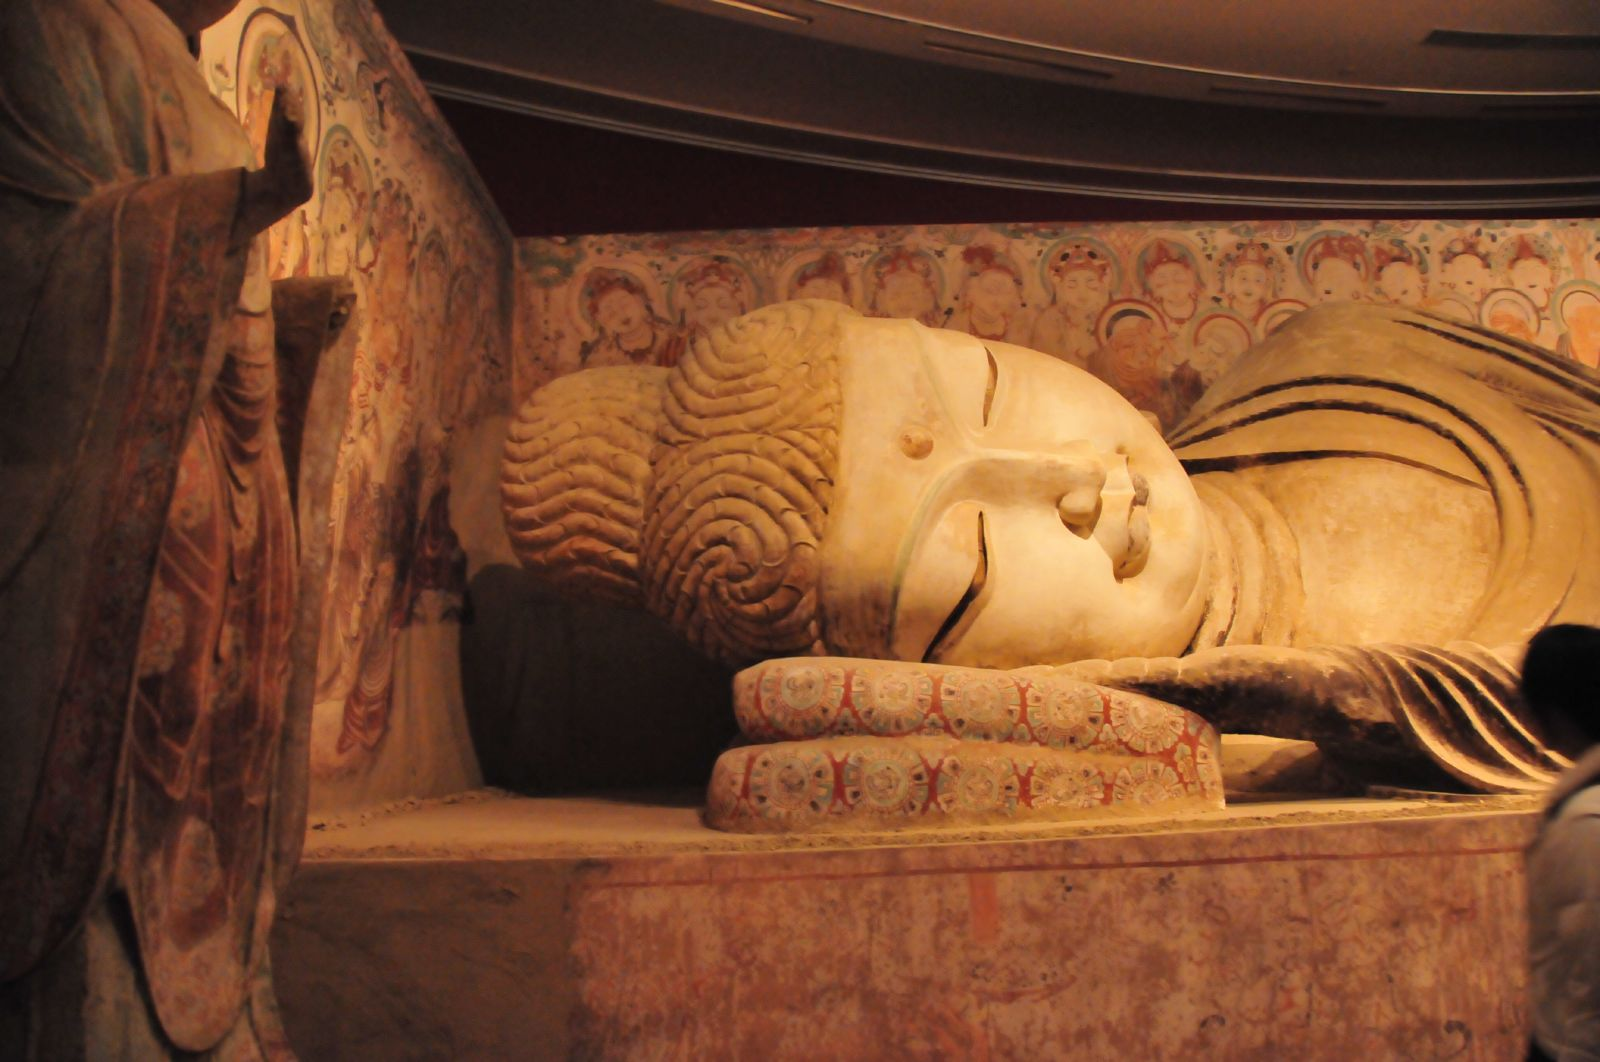 Rupaka Buddha berbaring salah satu karya seni dari gua no. 158 di Gua Mogao.